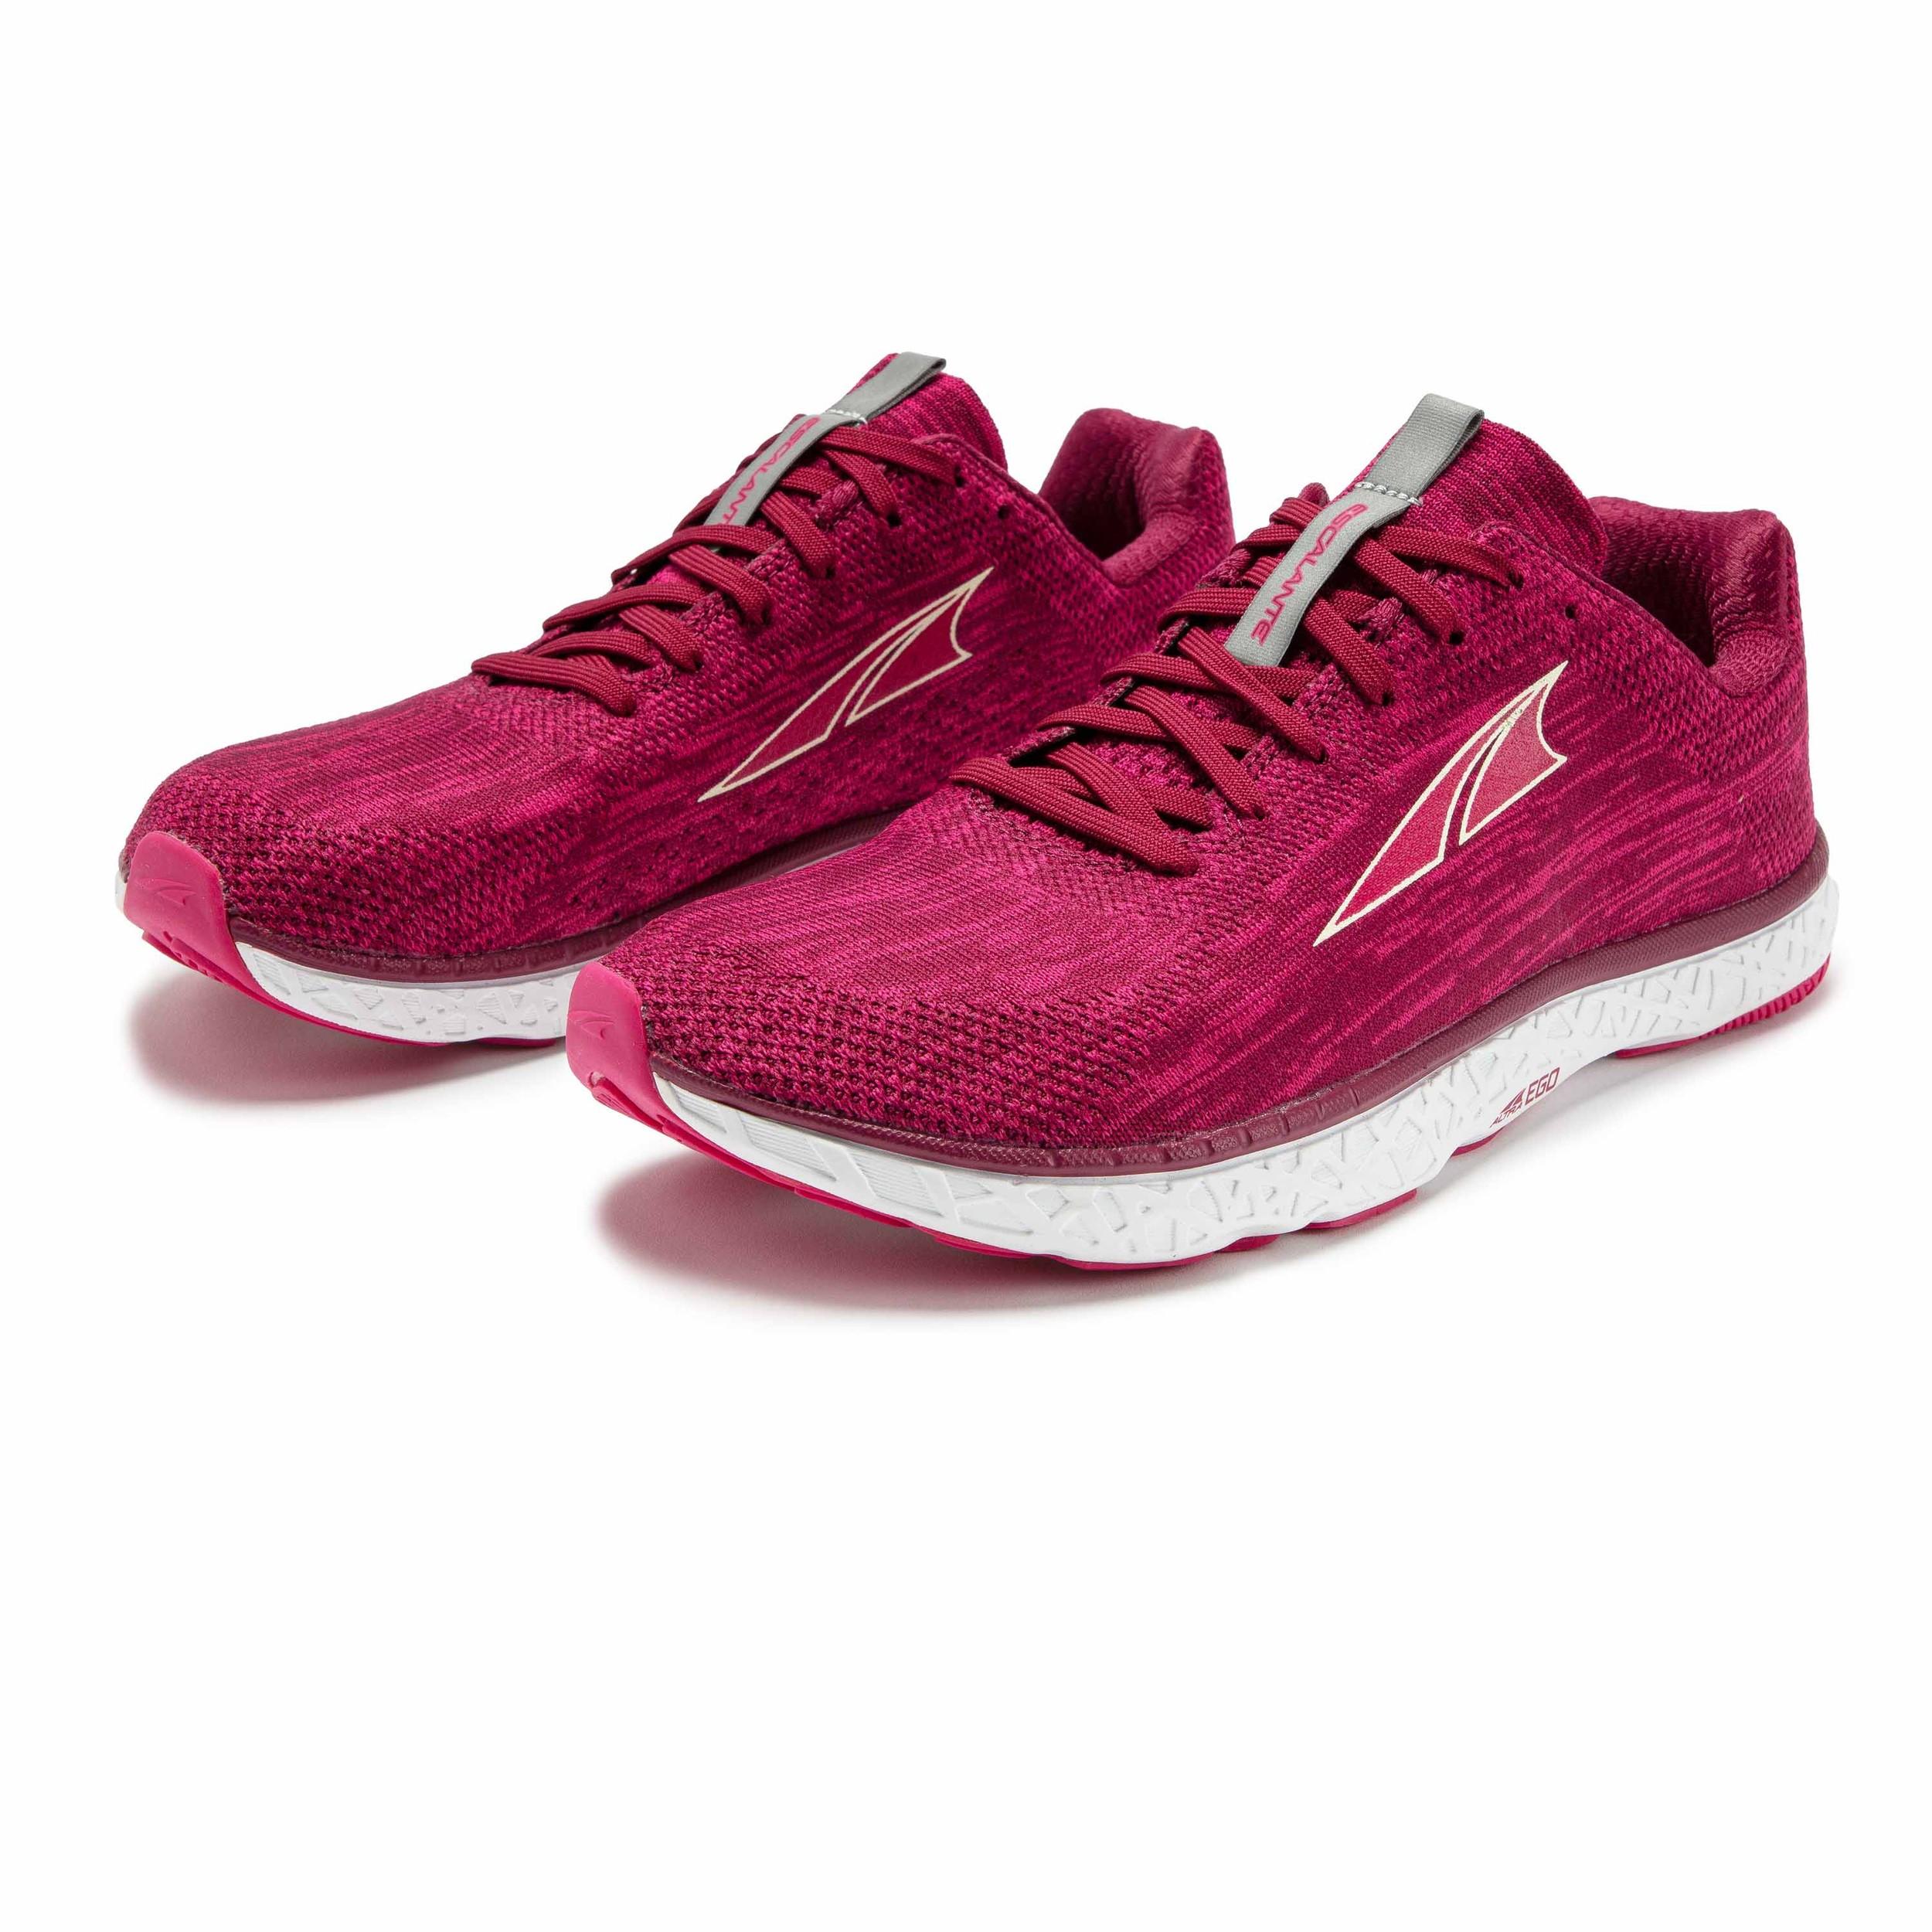 Altra Escalante 1.5 Women's Running Shoes